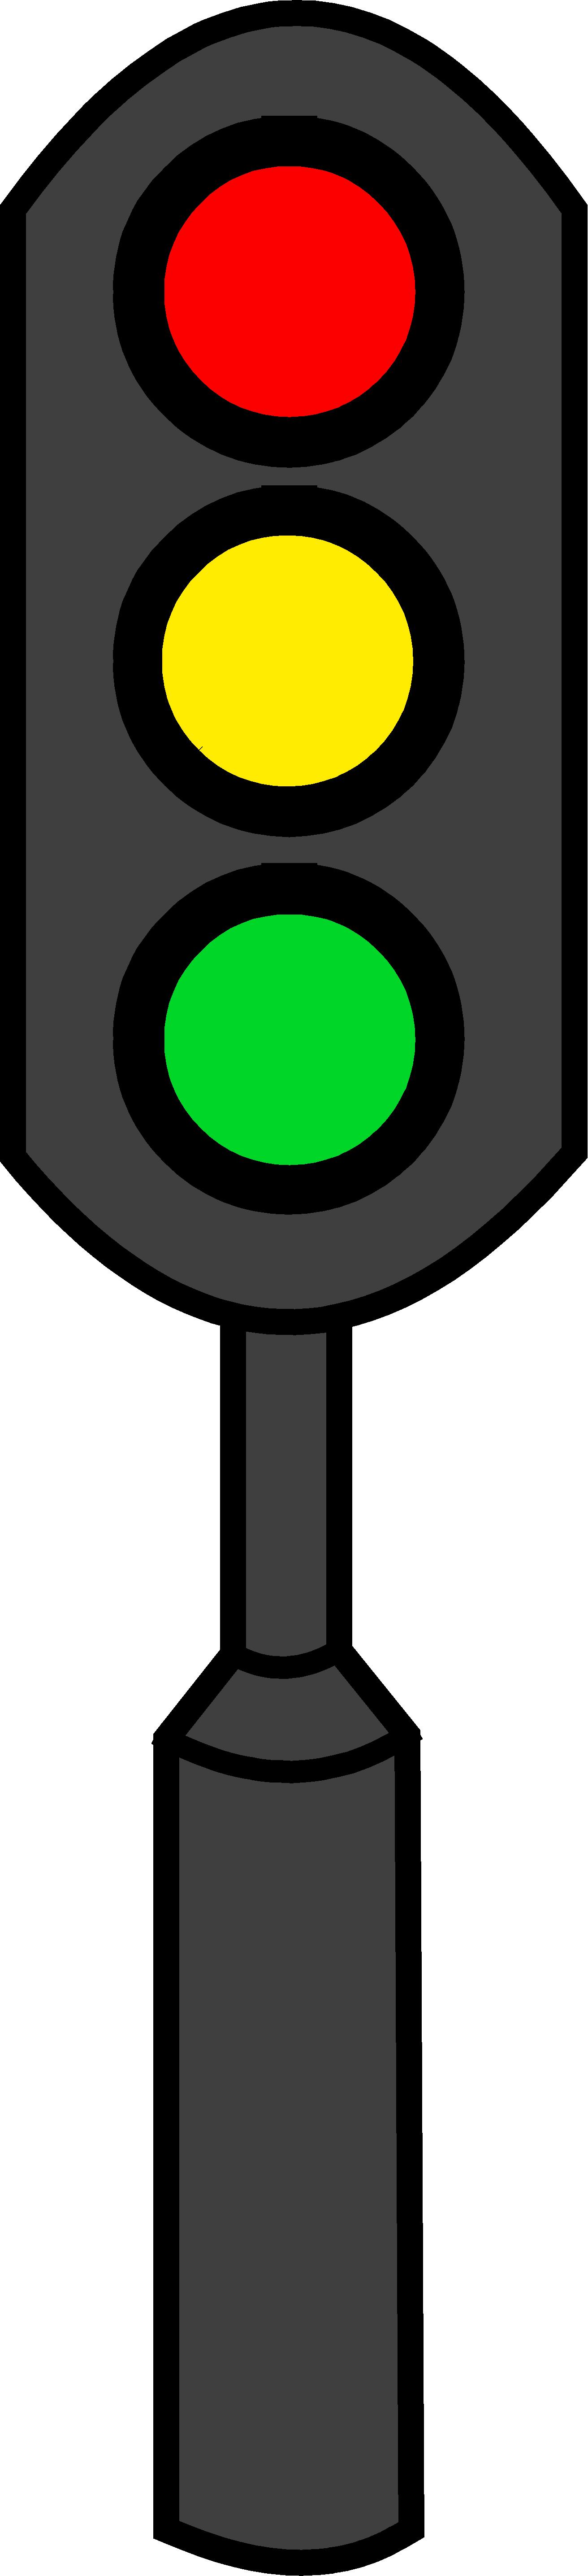 Traffic Light Clip Art Free Clip Art Clip Art Free Clip Art Light Clips